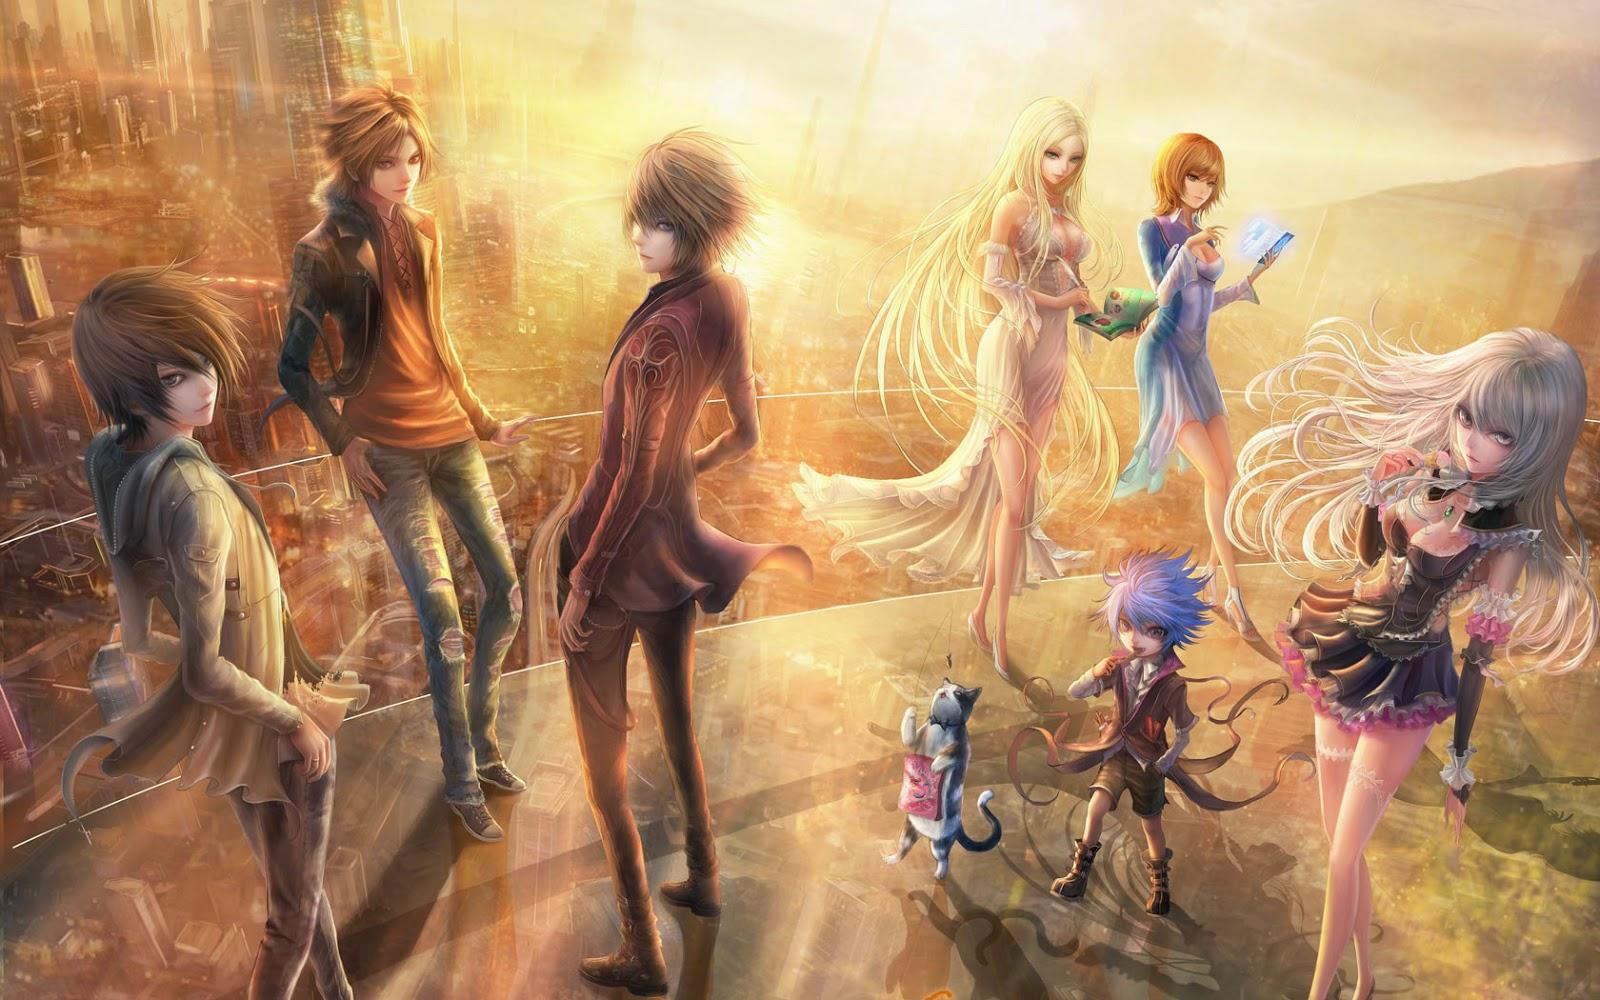 Papel de Parede Anime Ilustração Japonês para pc hd grátis Anime Manga desktop hd wallpaper image free